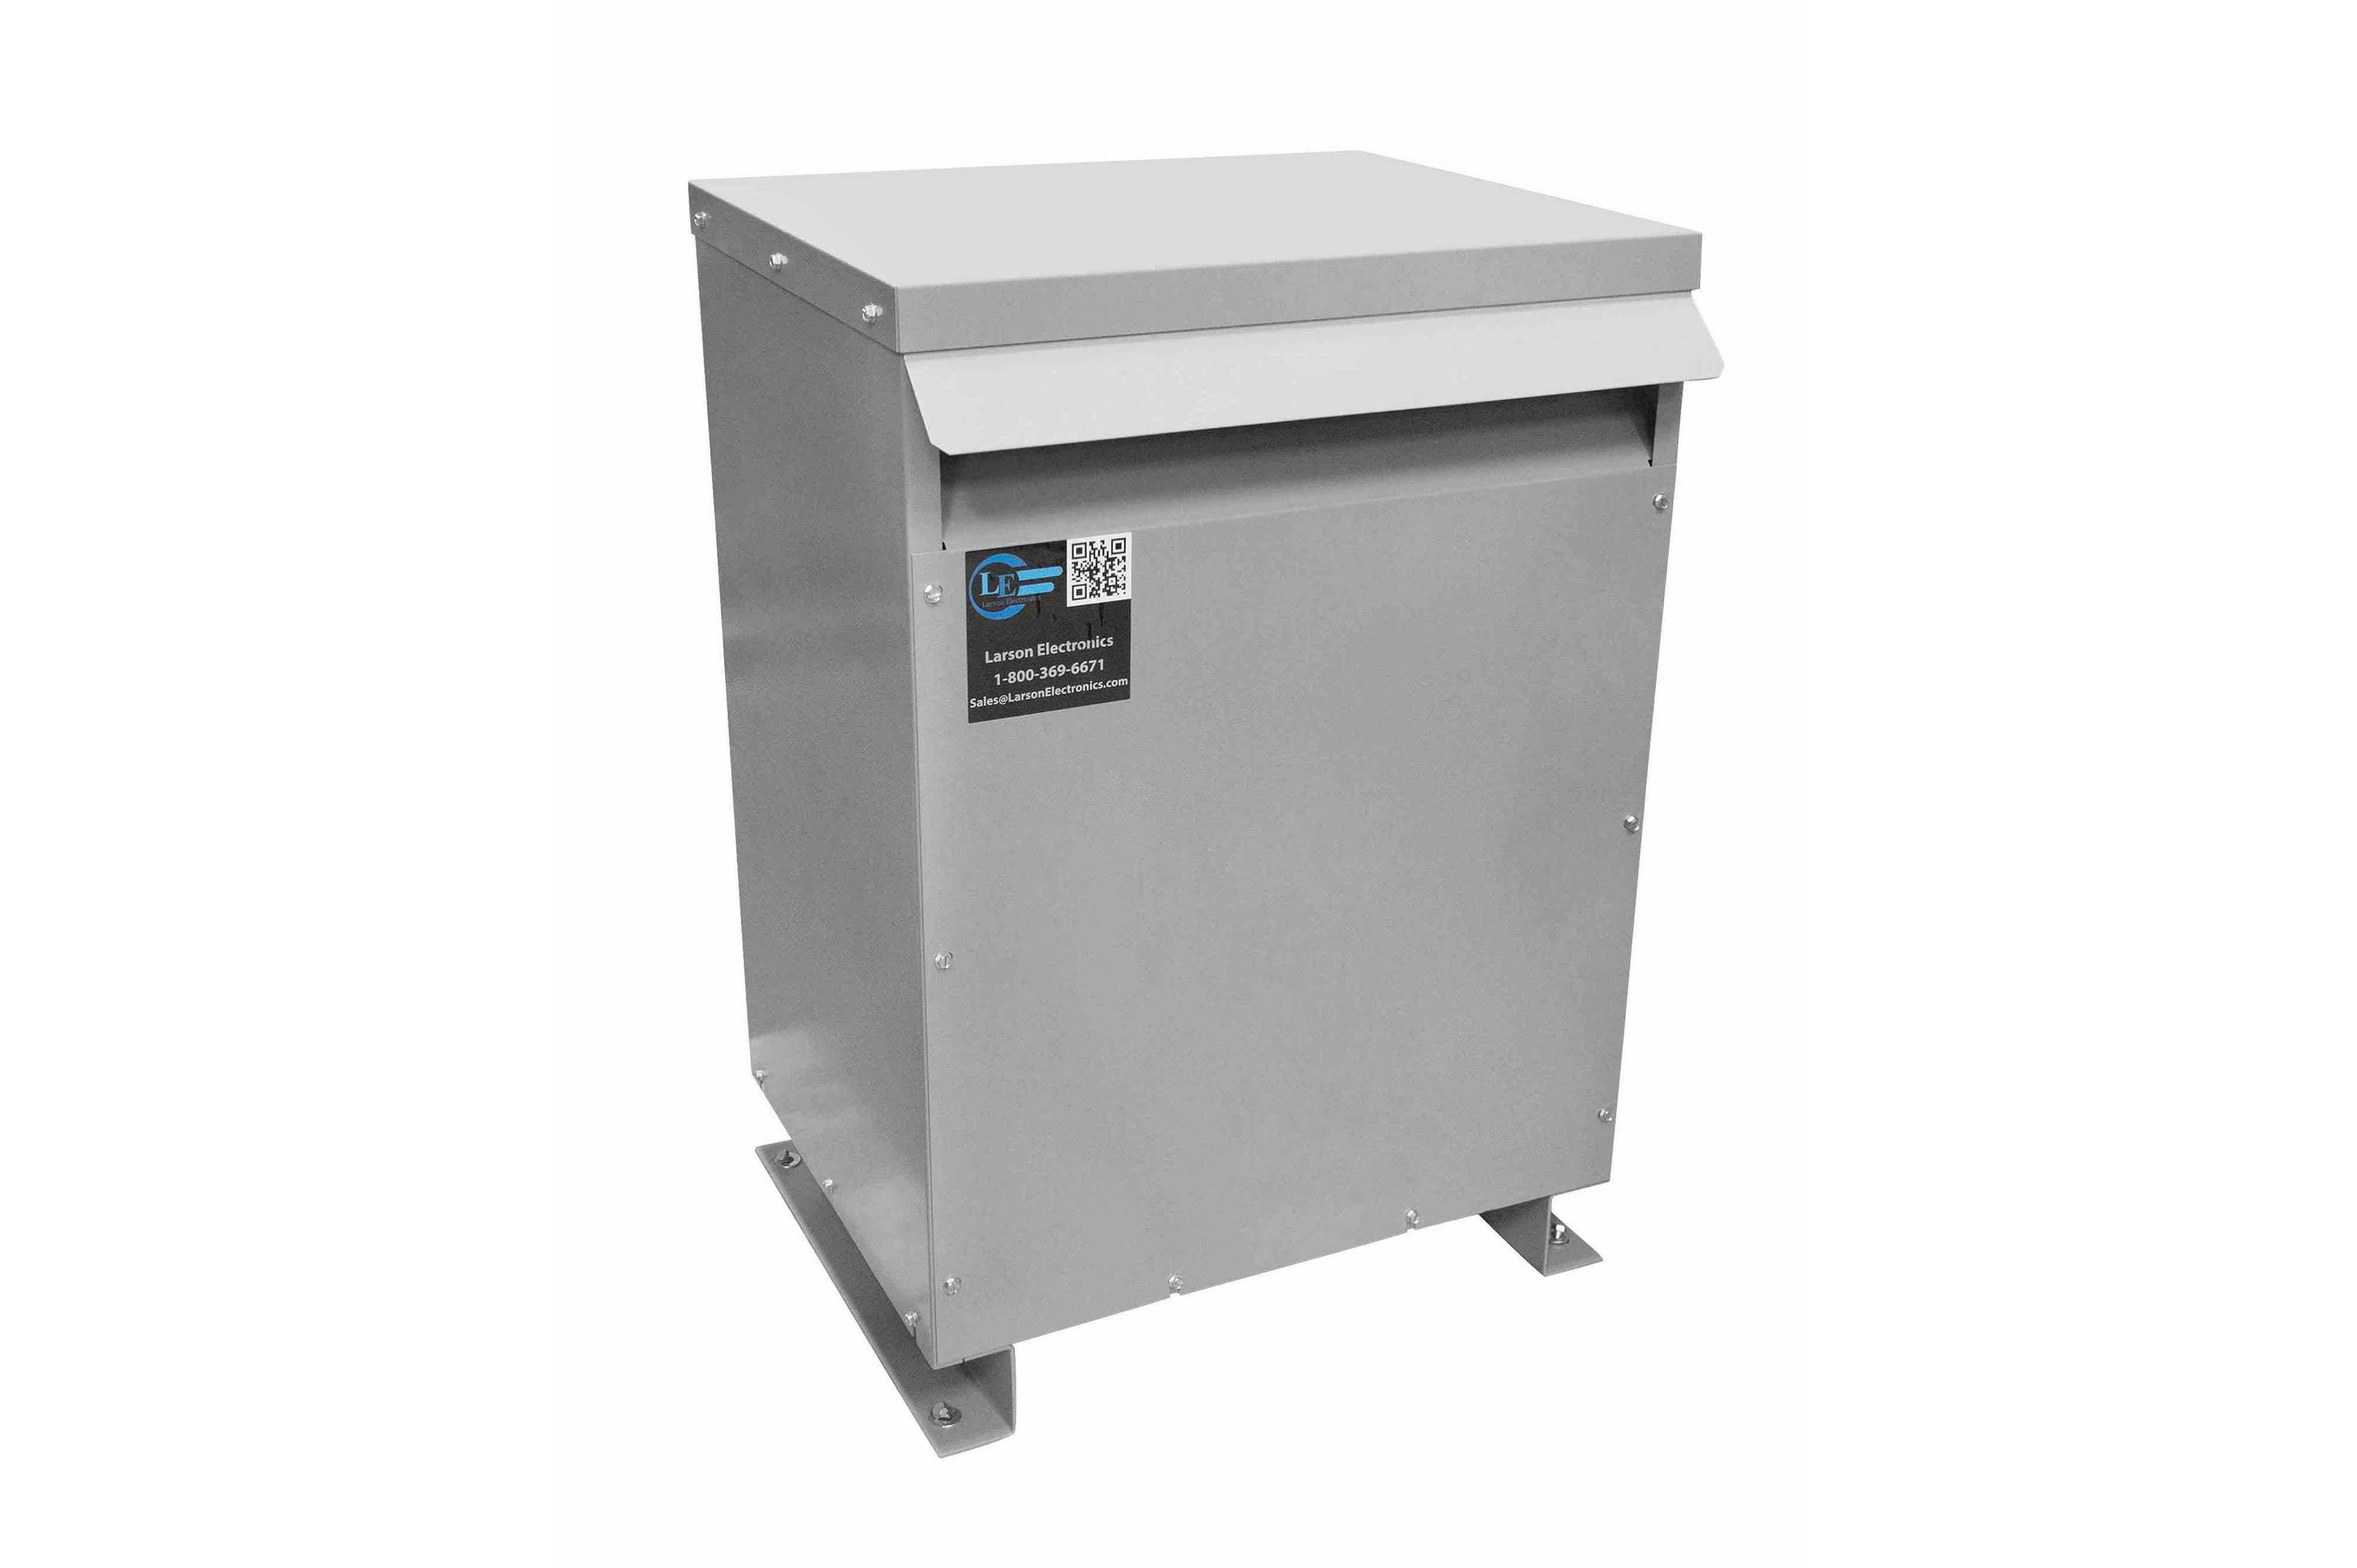 27 kVA 3PH Isolation Transformer, 415V Delta Primary, 208V Delta Secondary, N3R, Ventilated, 60 Hz